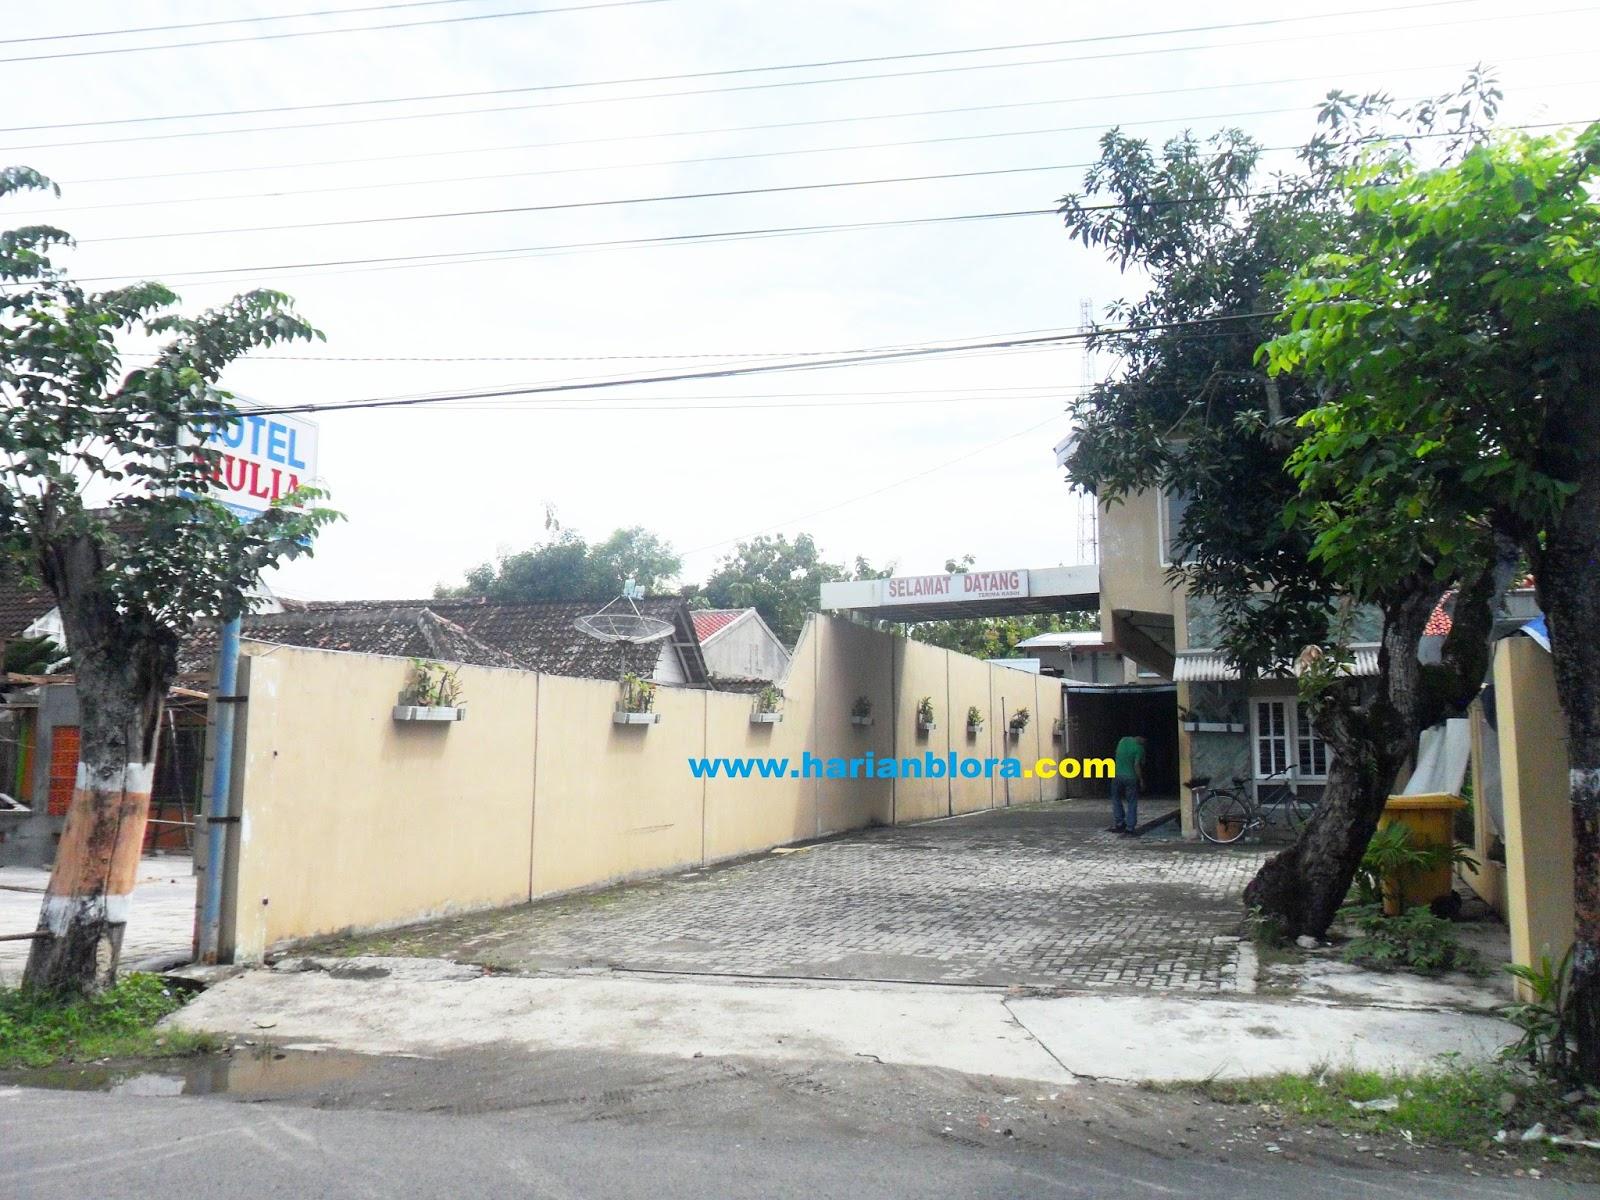 Mulia Hotel Blora Central Java Harian Salah Satu Daftar Murah